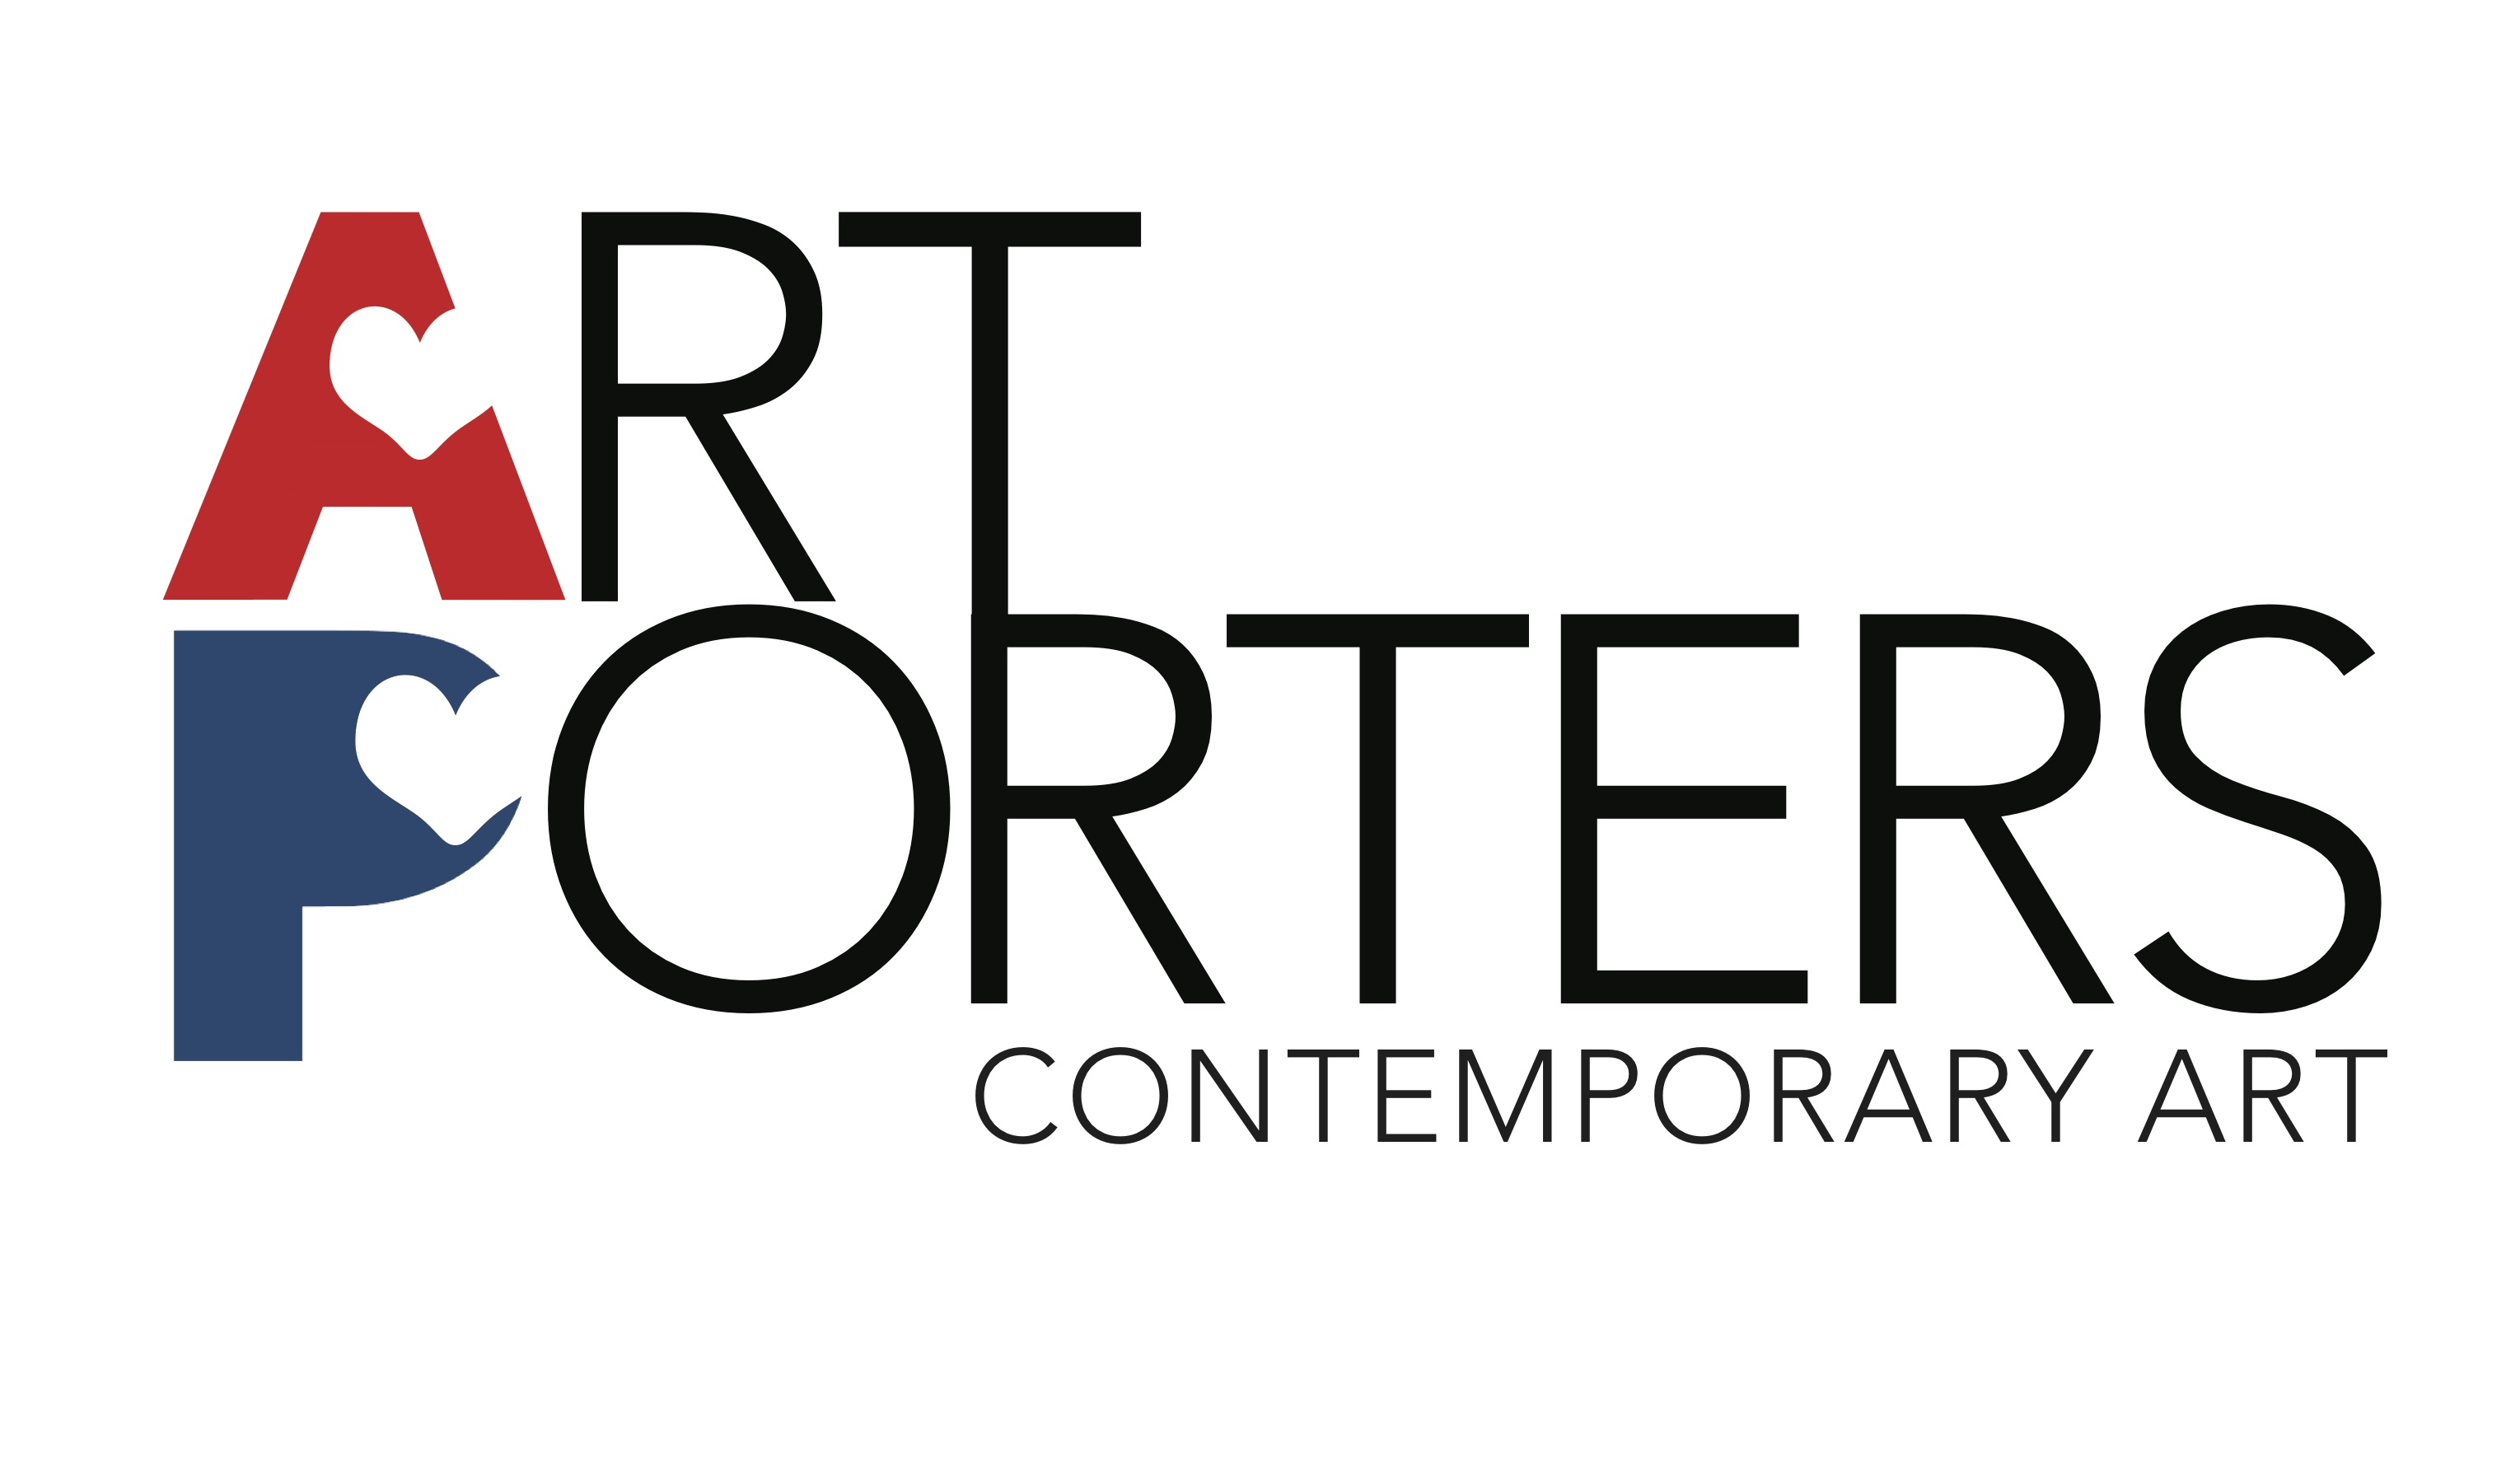 Art Porters Contemporary Art